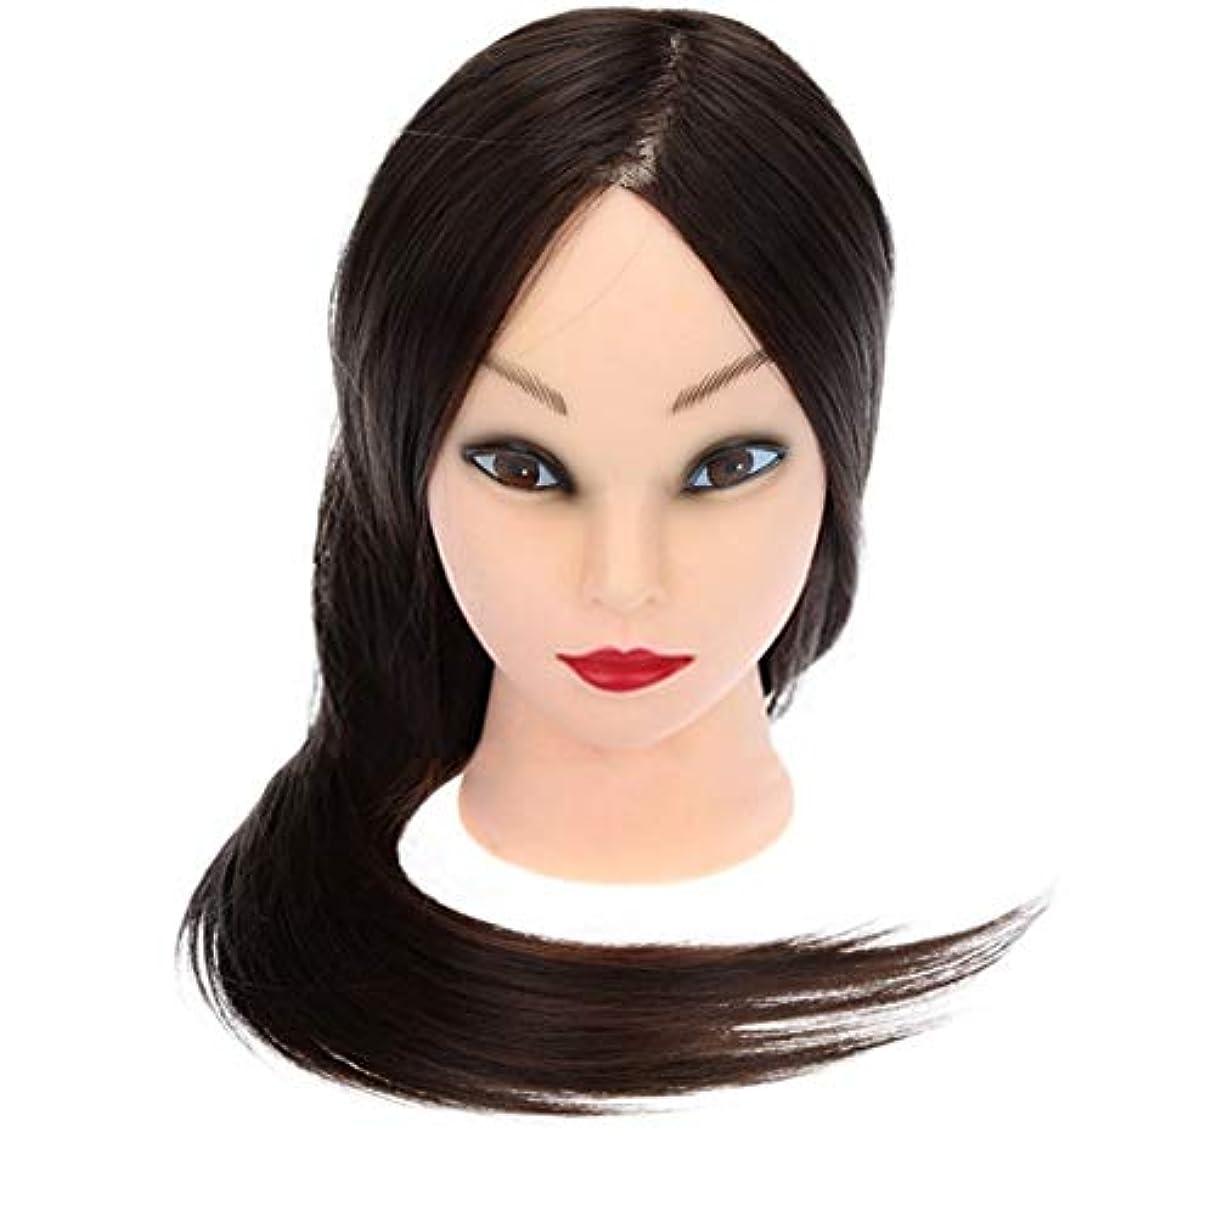 不完全鍔生きる練習ディスク髪編組ヘアモデル理髪店スクールティーチングヘッドロングかつら美容マネキンヘッド